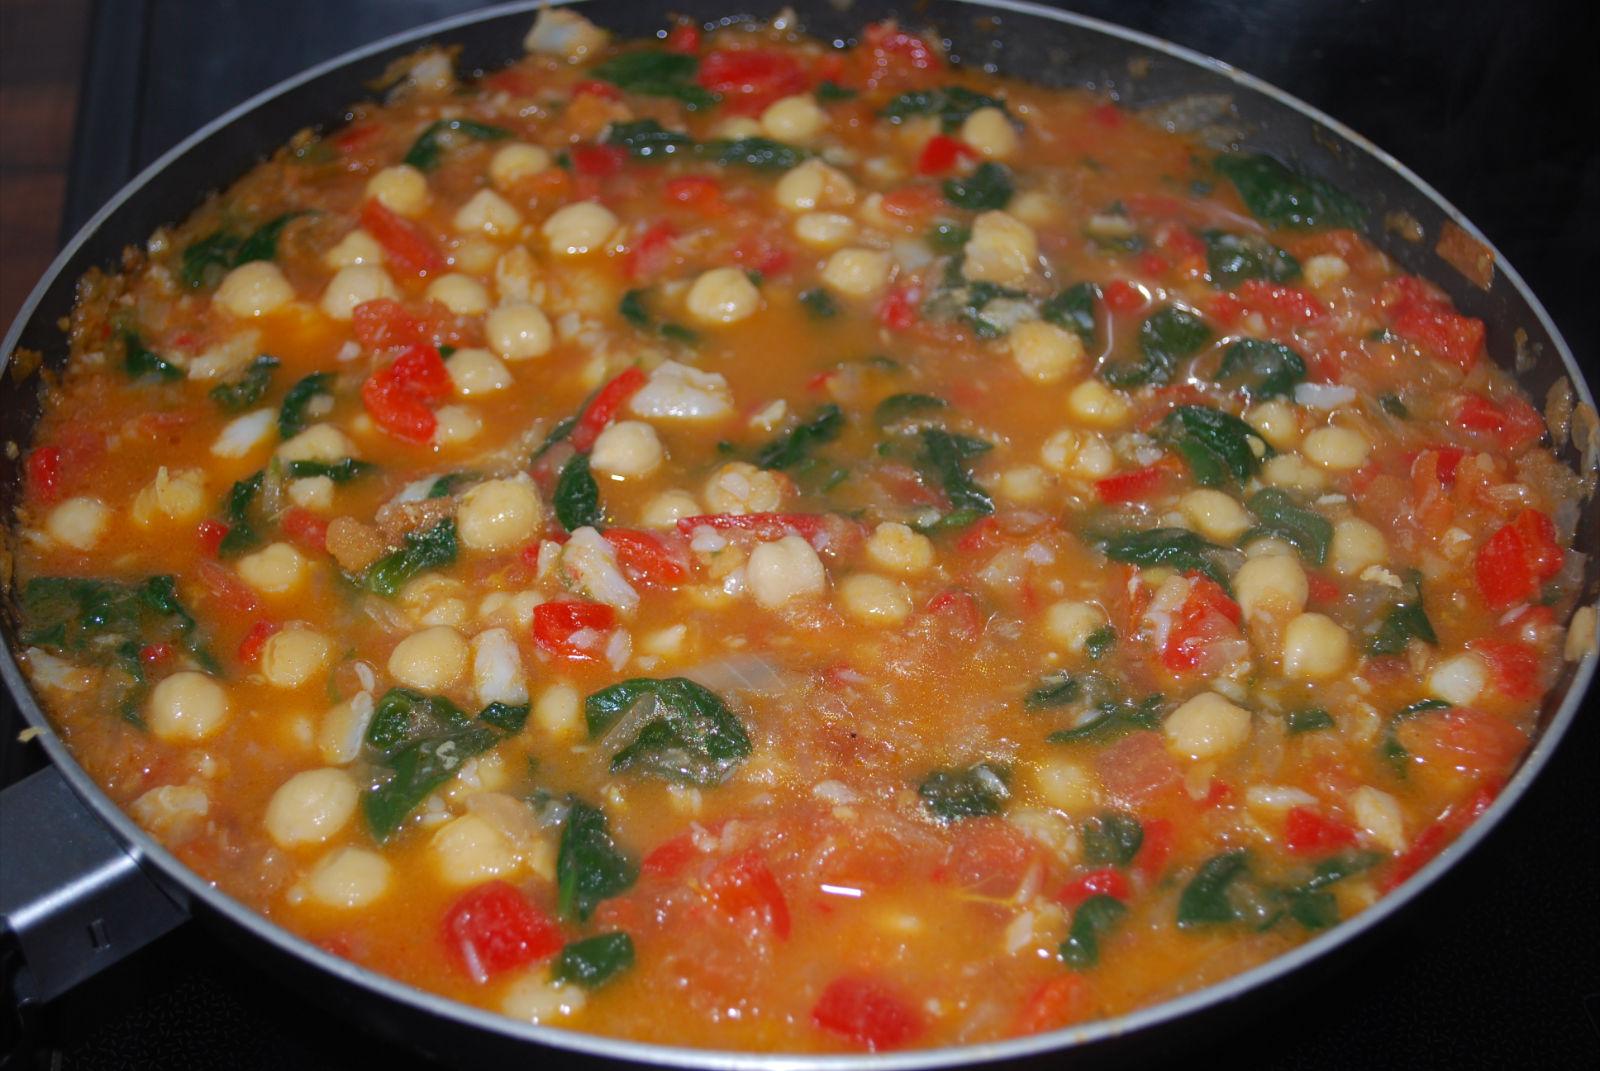 Mi receta de la semana garbanzos con bacalao y espinacas - Garbanzos espinacas bacalao ...